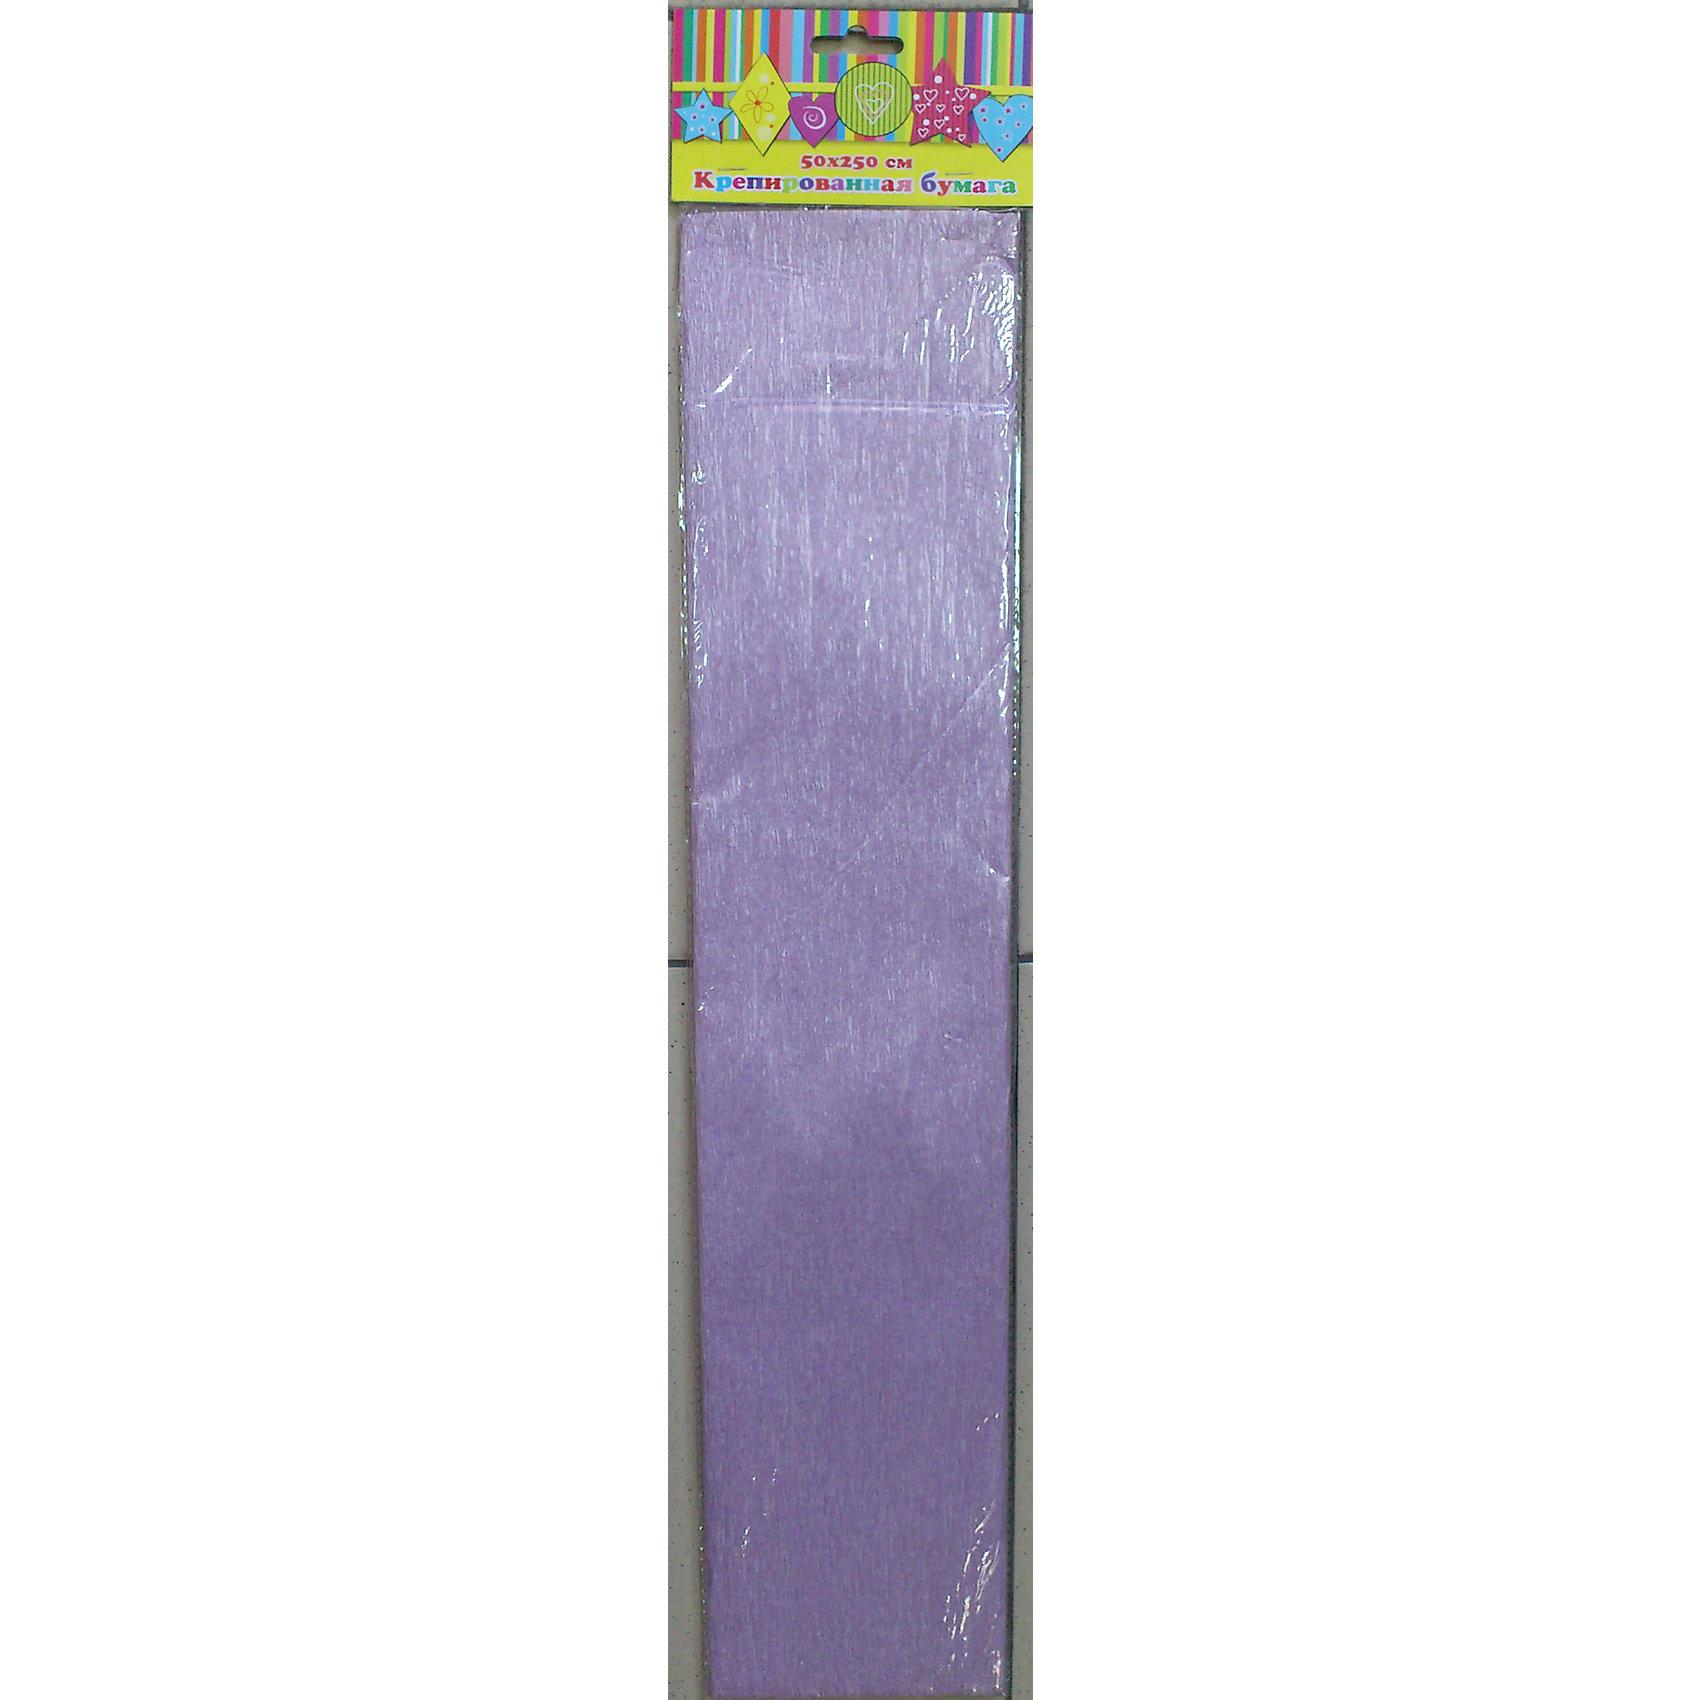 Бумага сиреневая перламутровая крепированнаяИзумительная крепированная бумага сиреневого с перламутровым цвета, из нее Ваш малыш сможет сделать множество ярких цветов или другие поделки.<br><br>Дополнительная информация:<br><br>- Возраст: от 3 лет.<br>- 1 лист.<br>- Цвет: сиреневый с перламутром.<br>- Материал: бумага.<br>- Размеры: 50х250 см.<br>- Размер упаковки: 51х11х0,6 см.<br>- Вес в упаковке: 32 г. <br><br>Купить крепированную бумагу в сиреневом с перламутровым цвете, можно в нашем магазине.<br><br>Ширина мм: 520<br>Глубина мм: 110<br>Высота мм: 6<br>Вес г: 32<br>Возраст от месяцев: 36<br>Возраст до месяцев: 2147483647<br>Пол: Унисекс<br>Возраст: Детский<br>SKU: 4943587